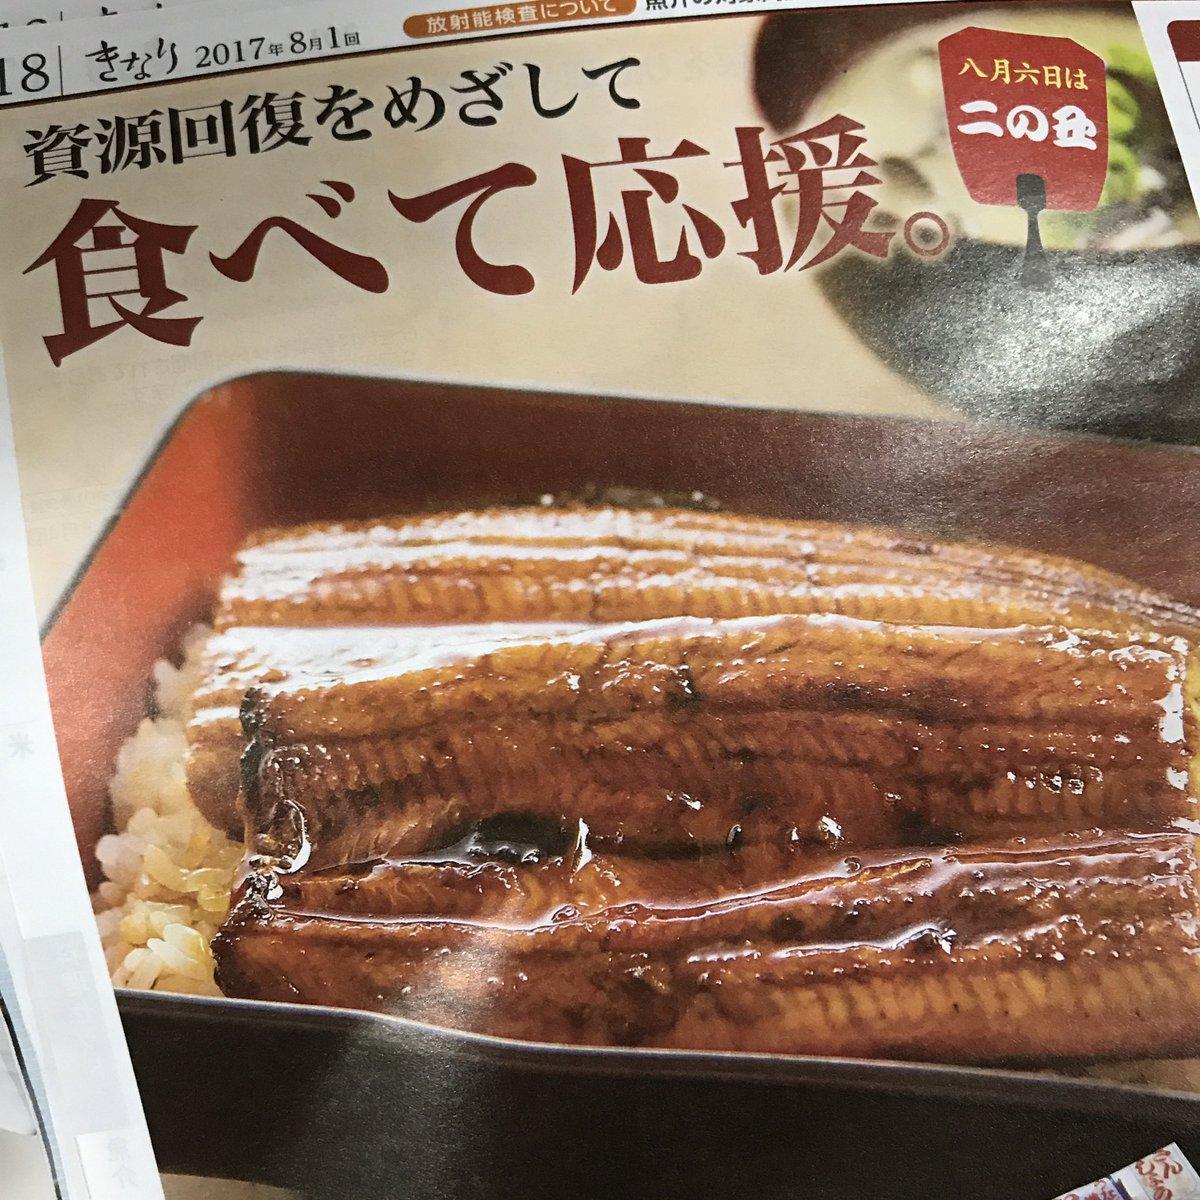 【悲報】日本人さん、本当にうなぎを絶滅させてしまう。これが食べて応援の結果か・・・・・  [517459952]->画像>15枚